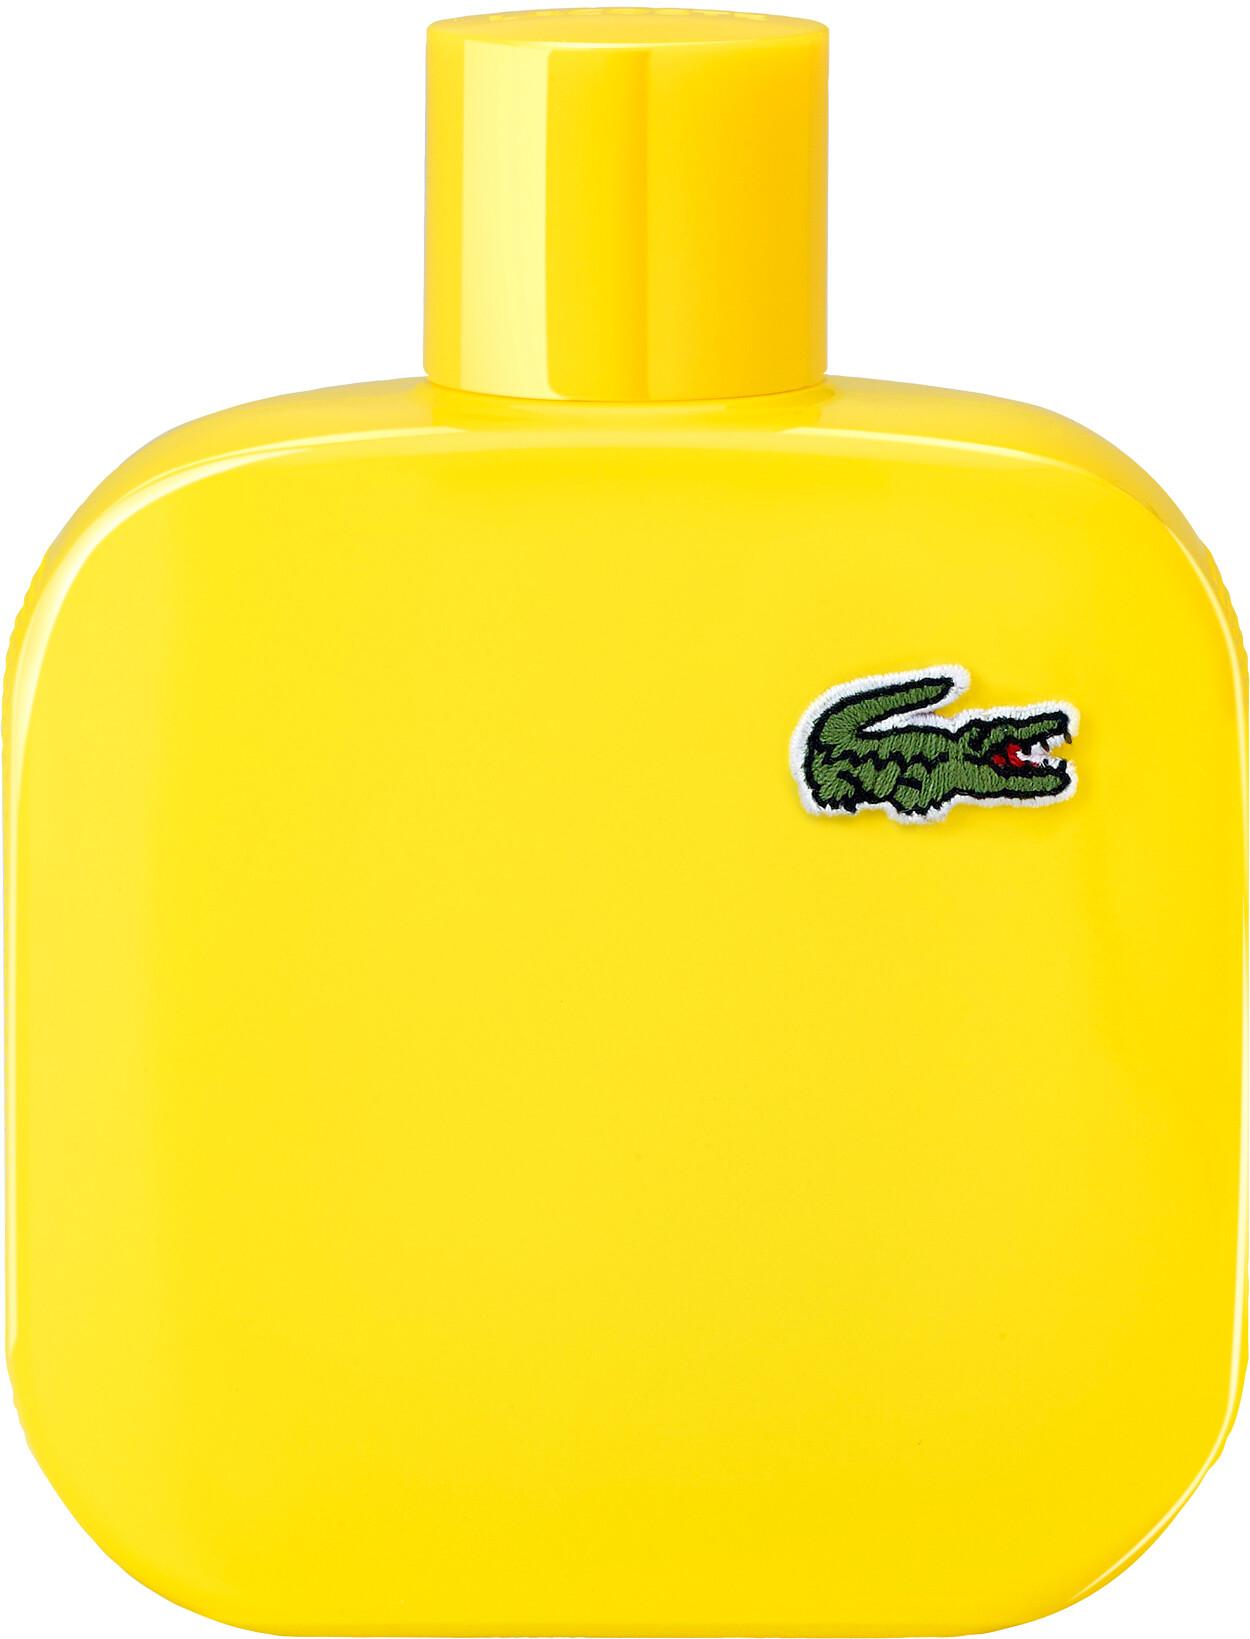 Lacoste Eau de Lacoste L.12.12 Jaune (Yellow) Eau de Toilette Spray 175ml